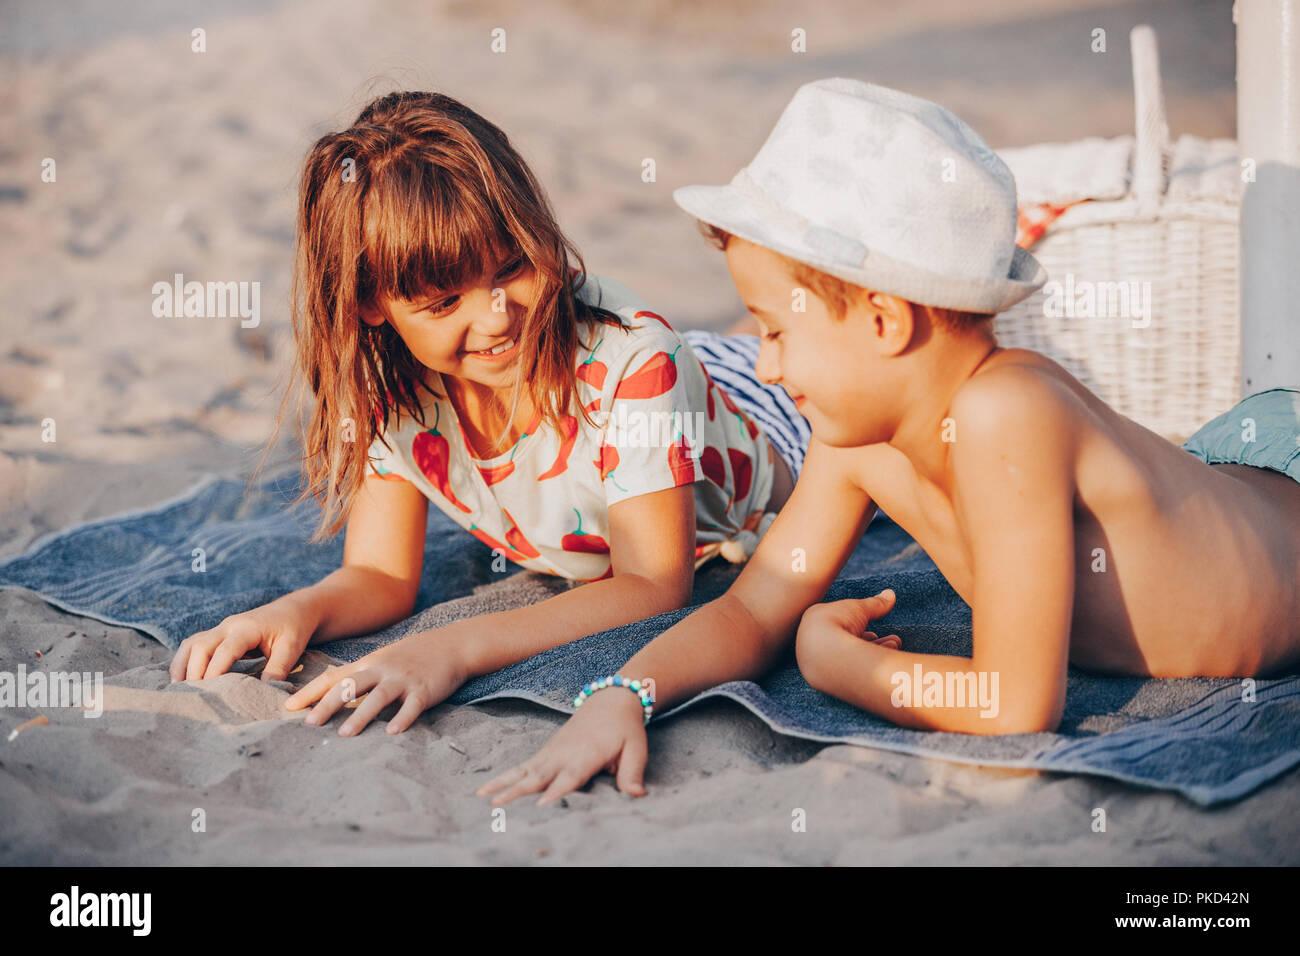 Happy positive Kinder spielen beim liegen auf einem Handtuch am Strand. Sommer Urlaub und gesunden Lebensstil Konzept Stockbild